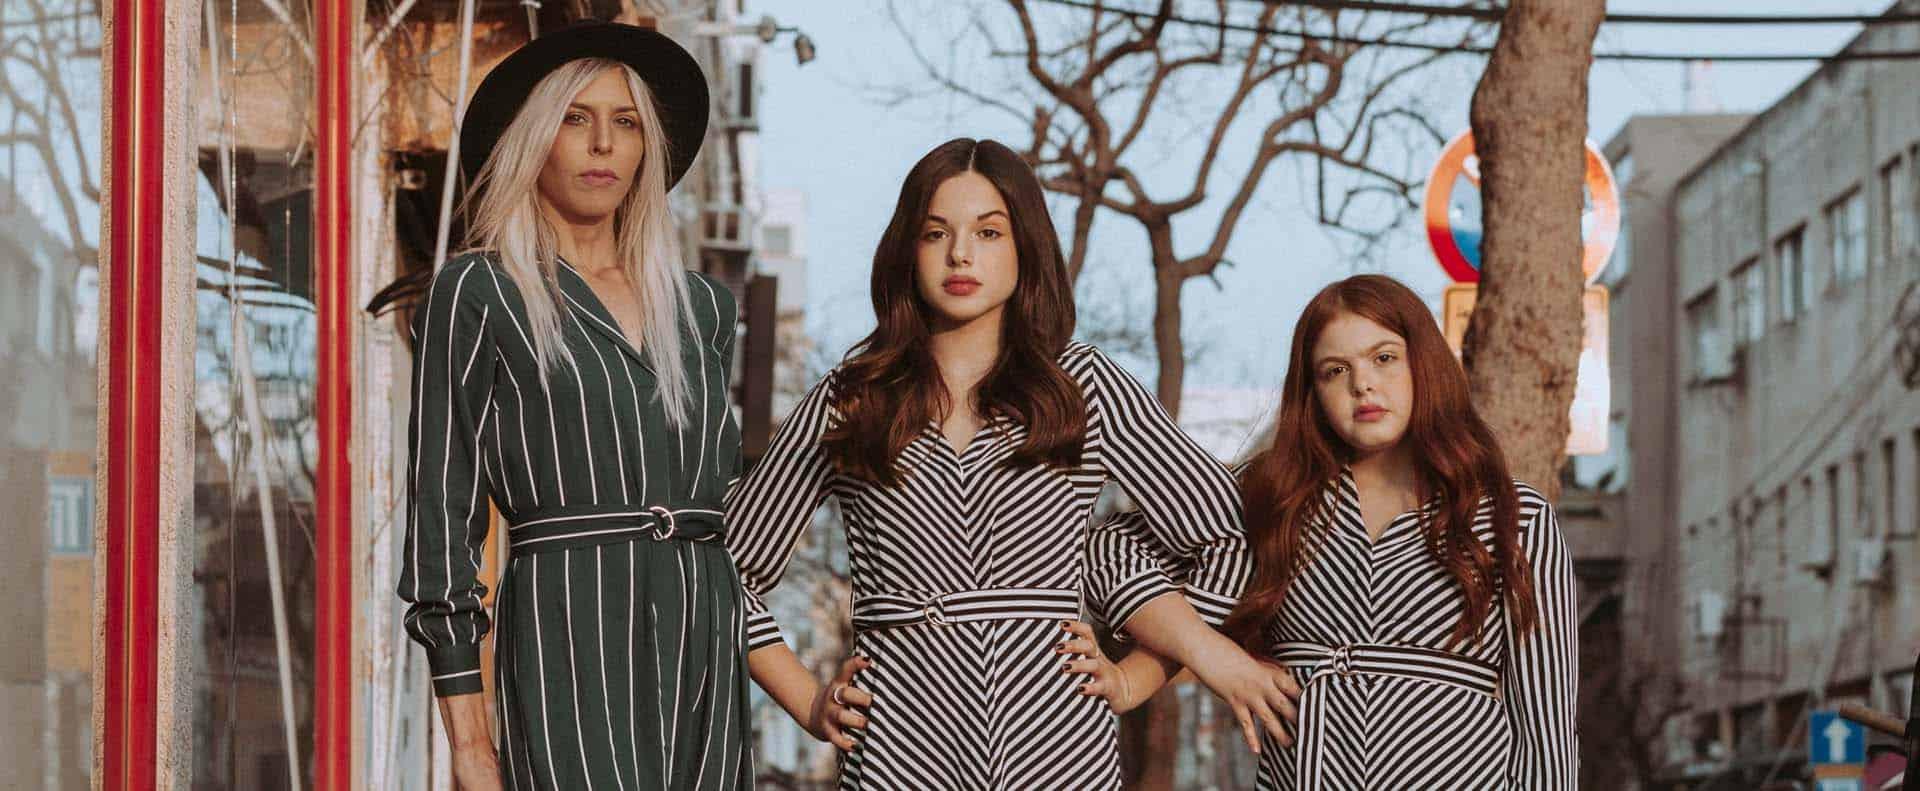 אורנה רביצקי והבנות אור שרעבי, אגם שרעבי צילום שלומית איציק, - Fashion Israel - מגזין אופנה